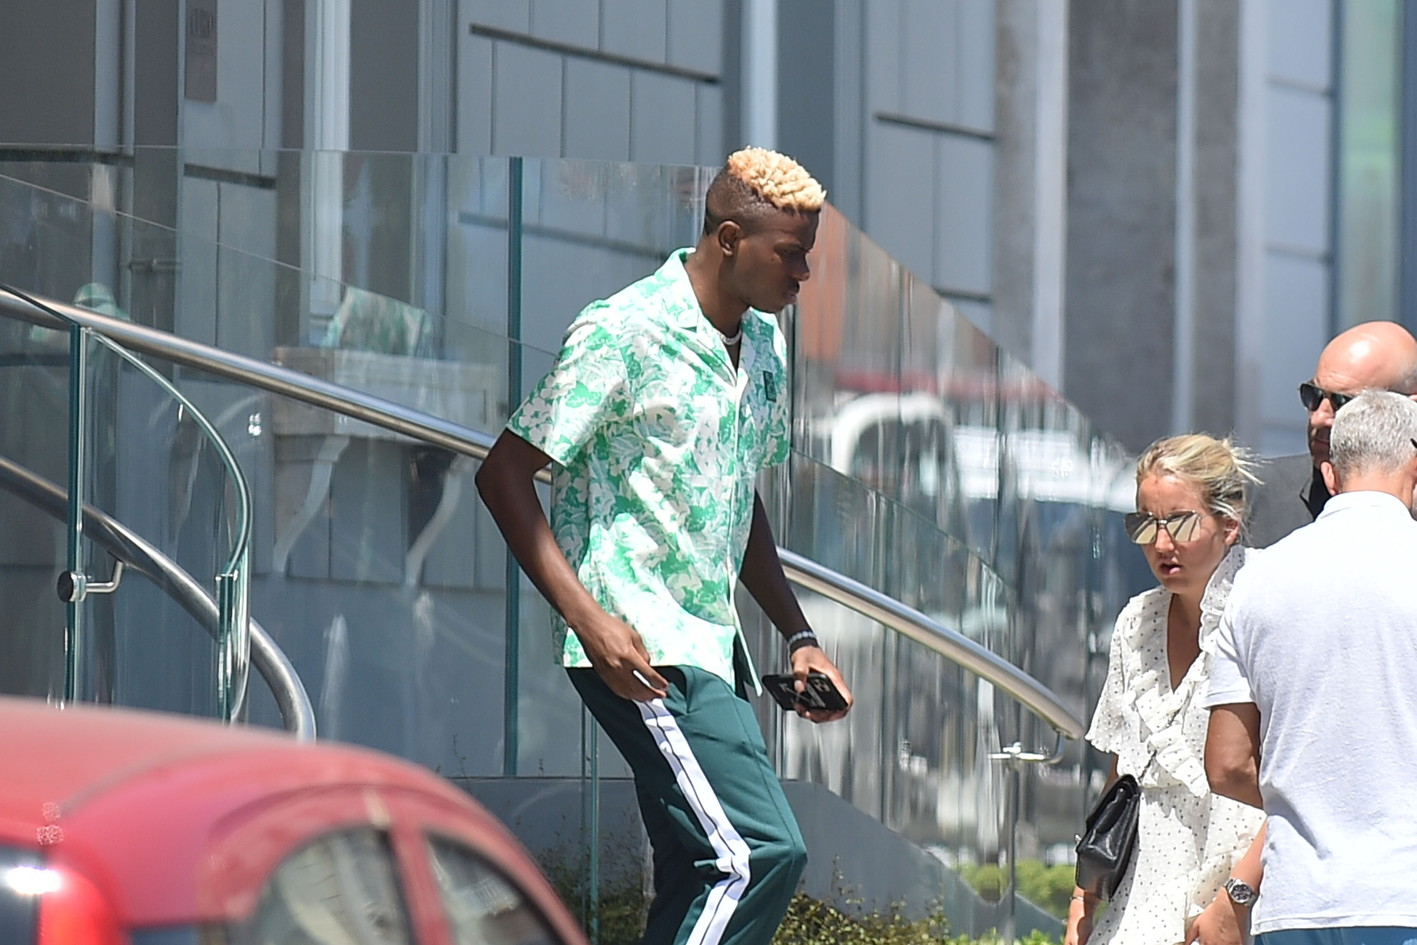 L'attaccante nigeriano,sbarcato per firmare con gli azzurri, ha incontrato De Laurentiis a capri.